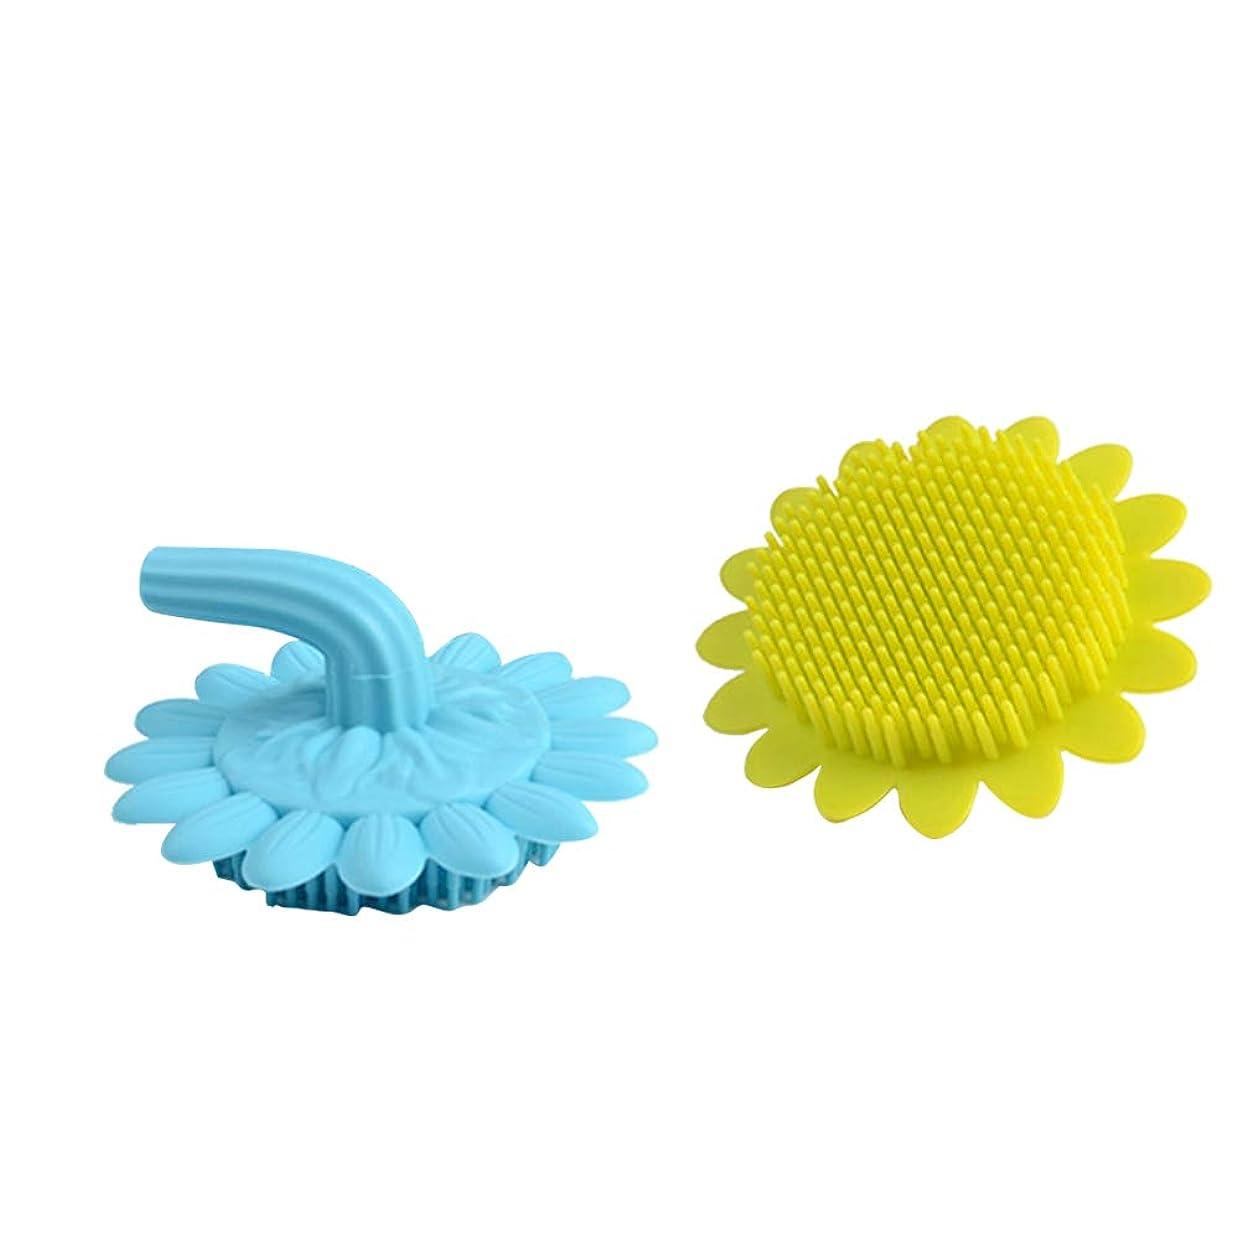 暗殺する変換同化Beaupretty 2本の赤ちゃん風呂ブラシシリコーンボディブラシ頭皮マッサージブラシ赤ちゃんのためのシャンプーブラシ(グリーン+ブルー)